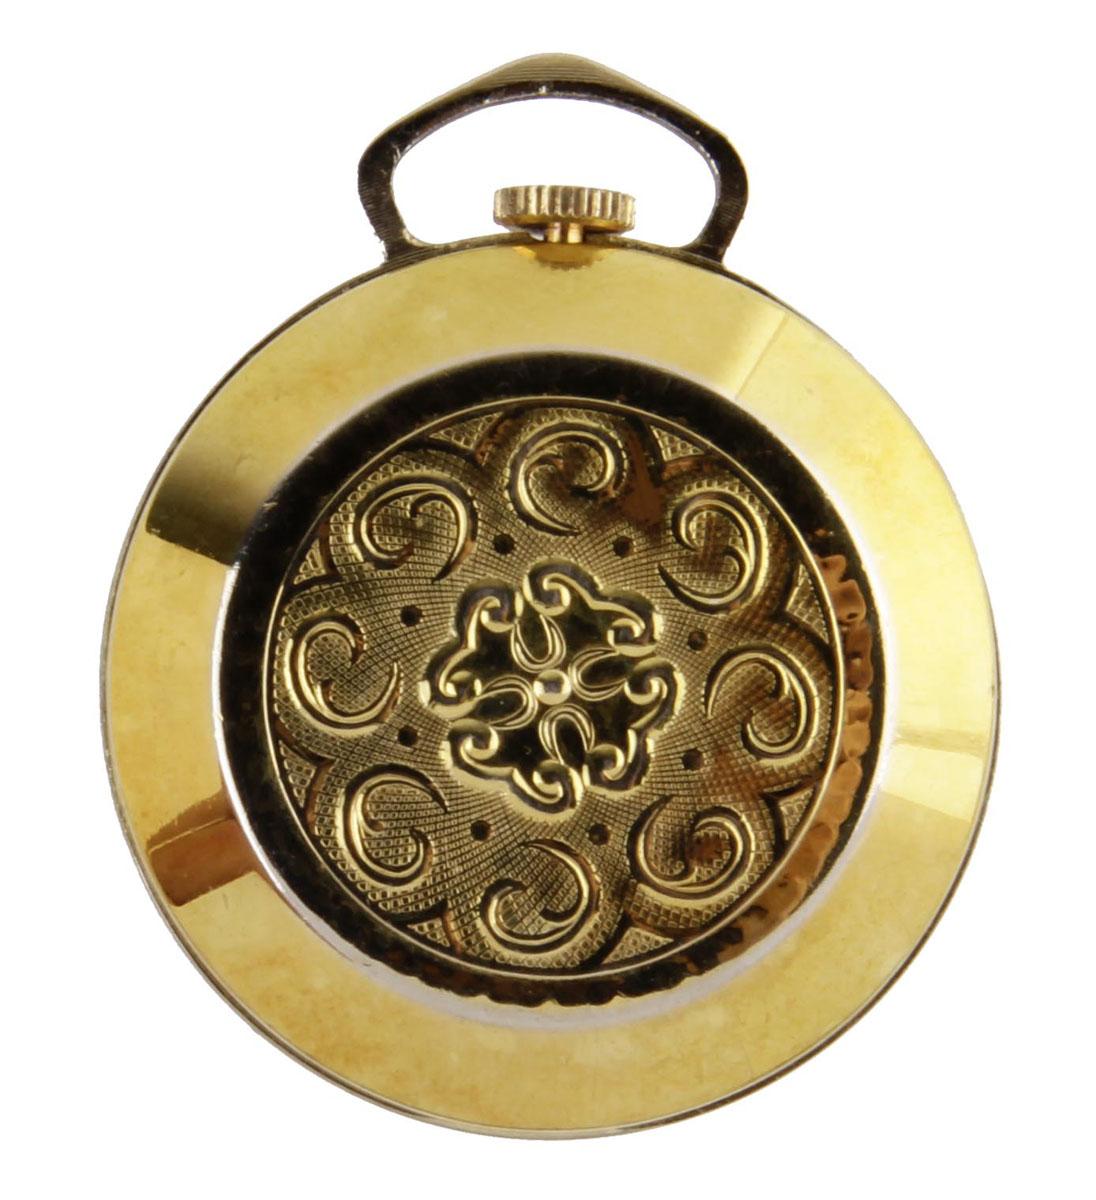 Изящные дамские часы Leda. Металл, стекло, кварцевый часовой механизм. Leda, Швейцария, вторая половина XX векаОС28639Изящные дамские часы Leda. Металл, эмаль, стекло, кварцевый часовой механизм. Leda, Швейцария, вторая половина XX века. Диаметр 3,5 см. Сохранность хорошая. Часы в рабочем состоянии. Миниатюрные дамские часы-подвеска в металлическом корпусе золотого оттенка. Корпус с лицевой стороны украшен минималистичным орнаментом. Стильный акцент винтажного образа и оригинальная идея для подарка!